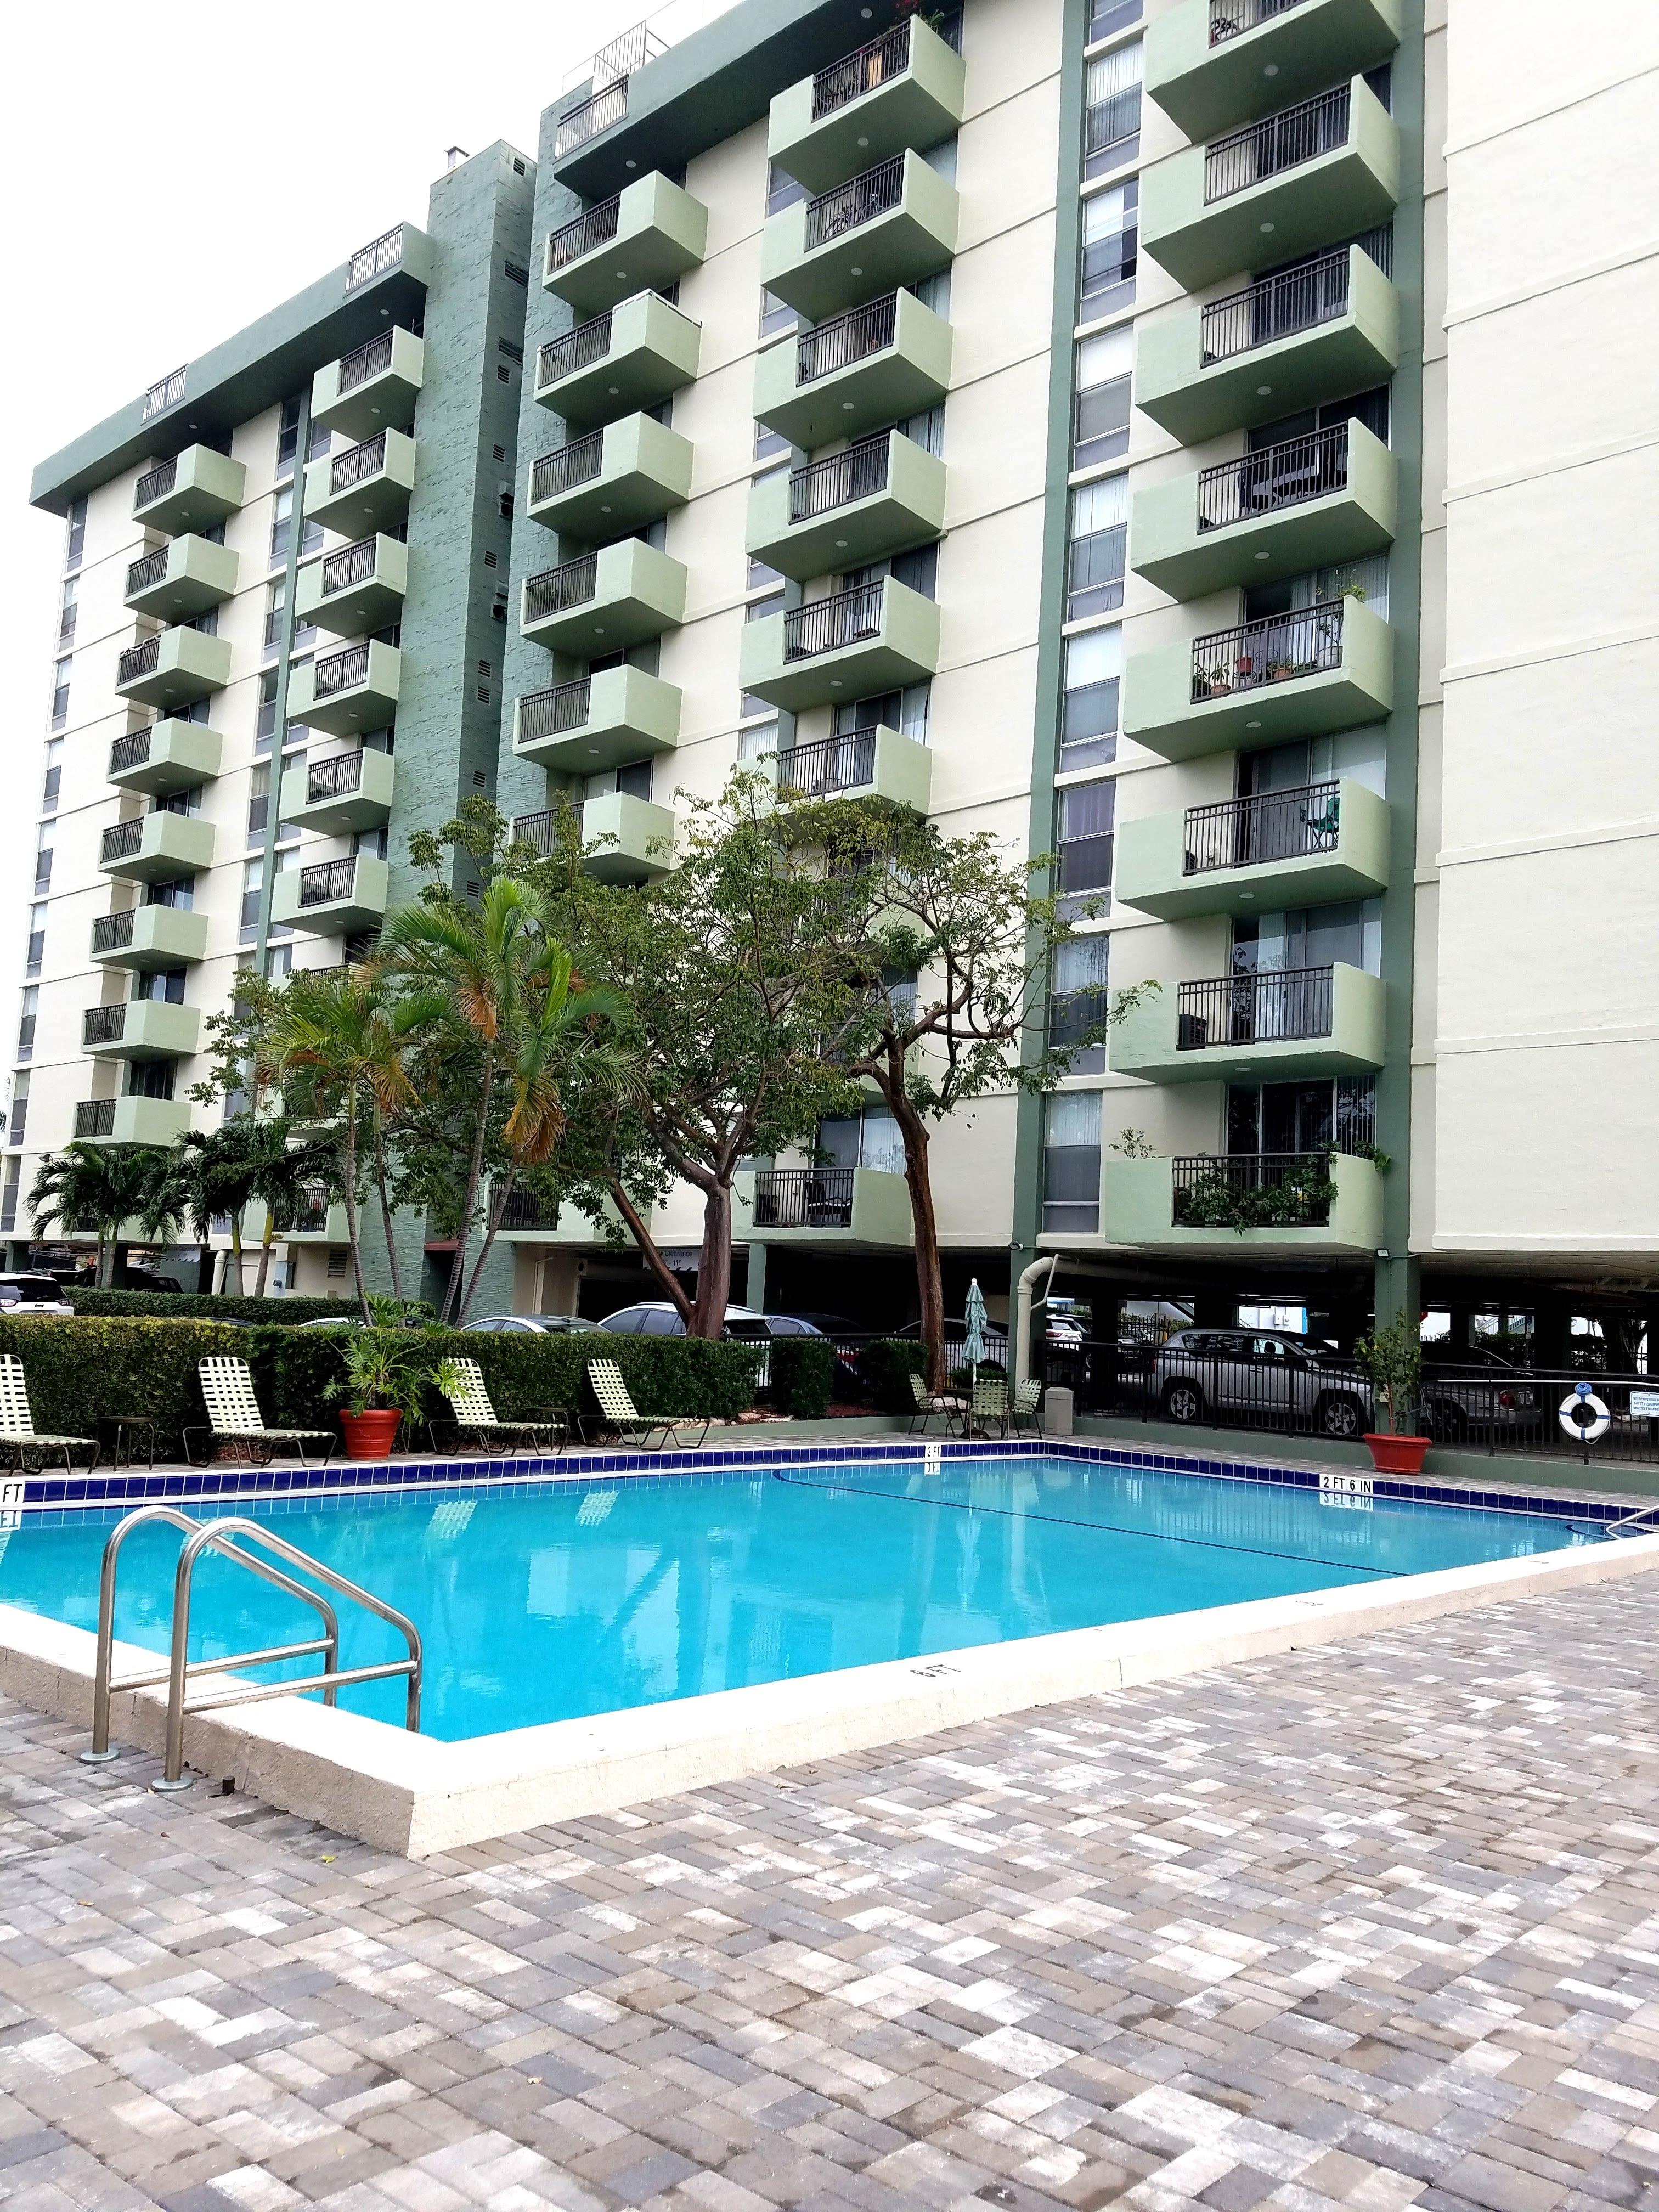 Apartments in North Miami, FL